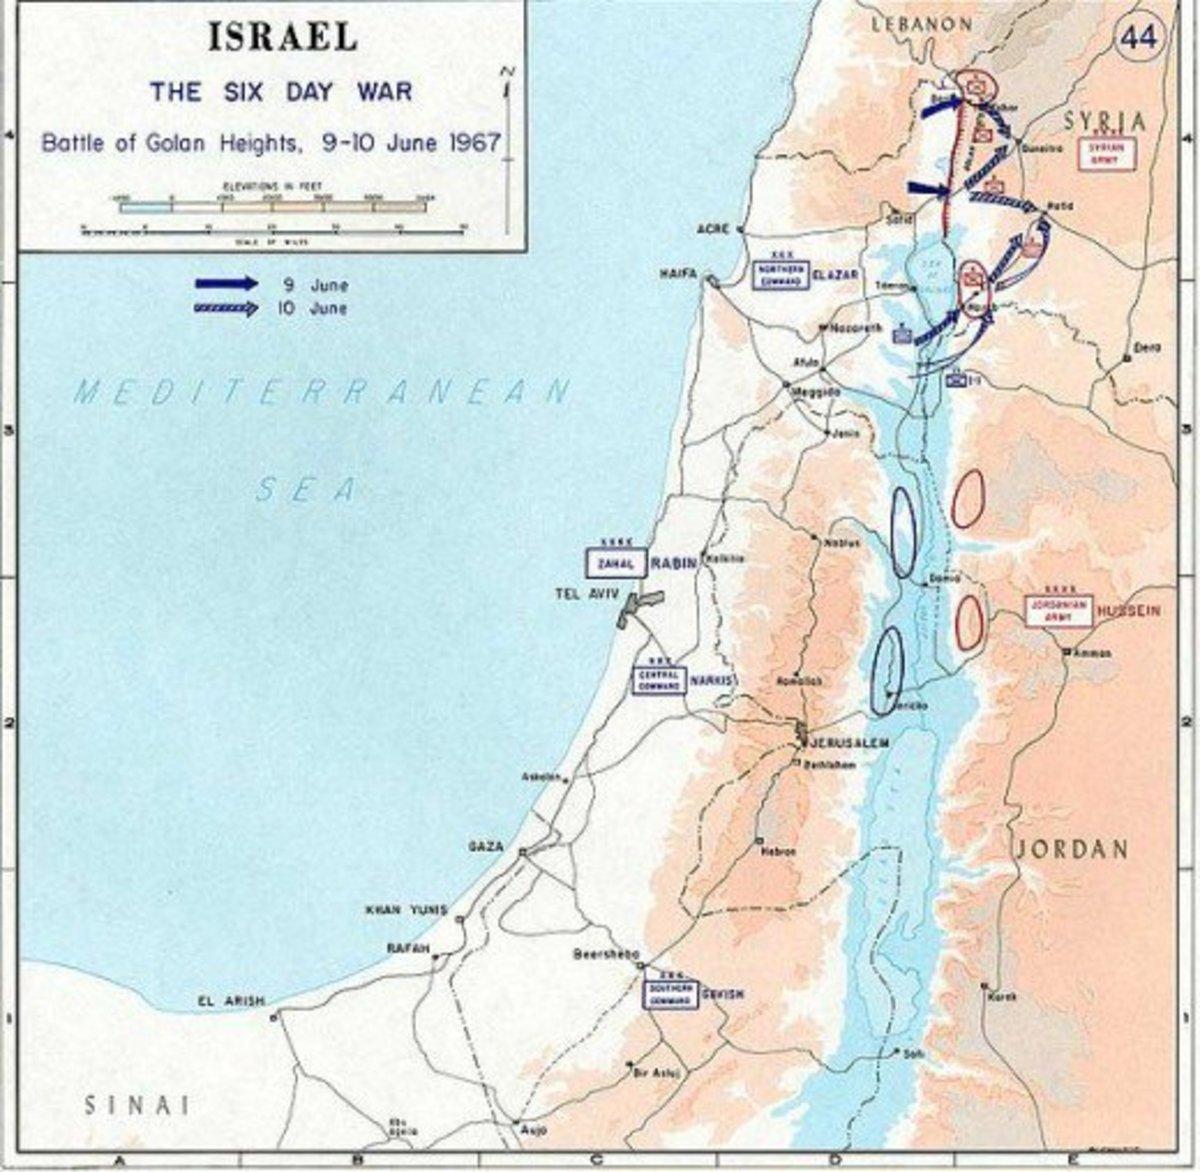 Battle of Golan Heights